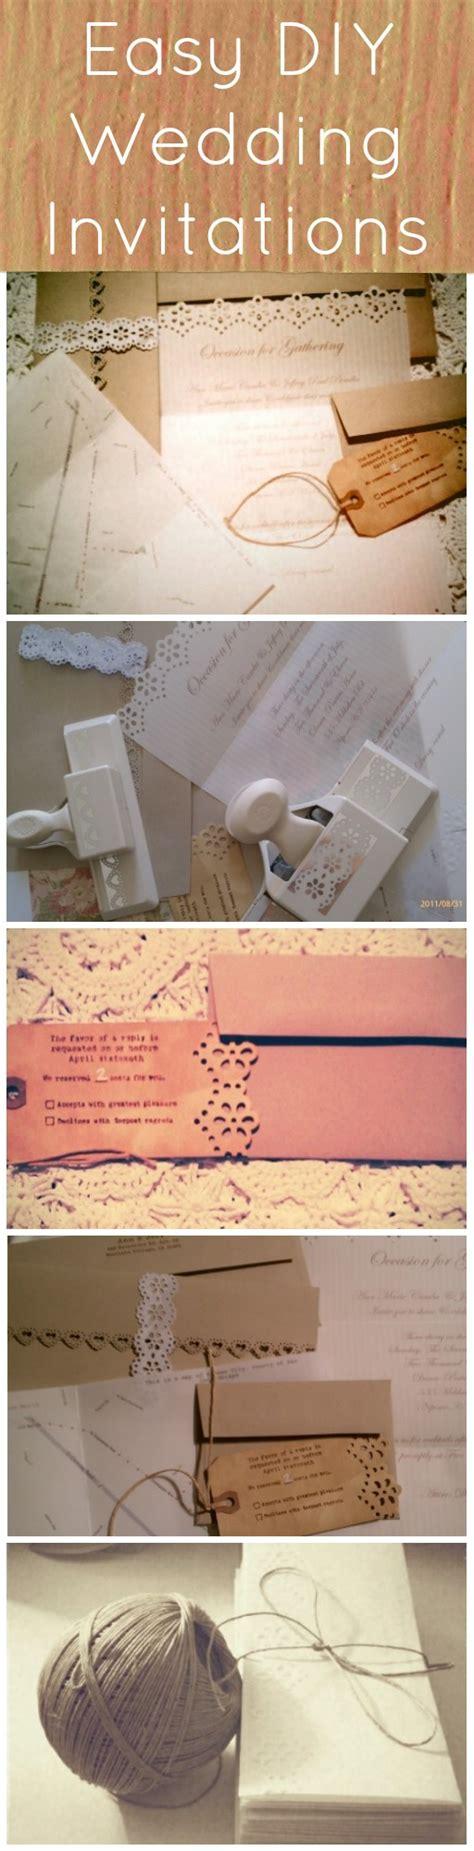 simple wedding invitations diy diy vintage inspired wedding invitations rustic wedding chic